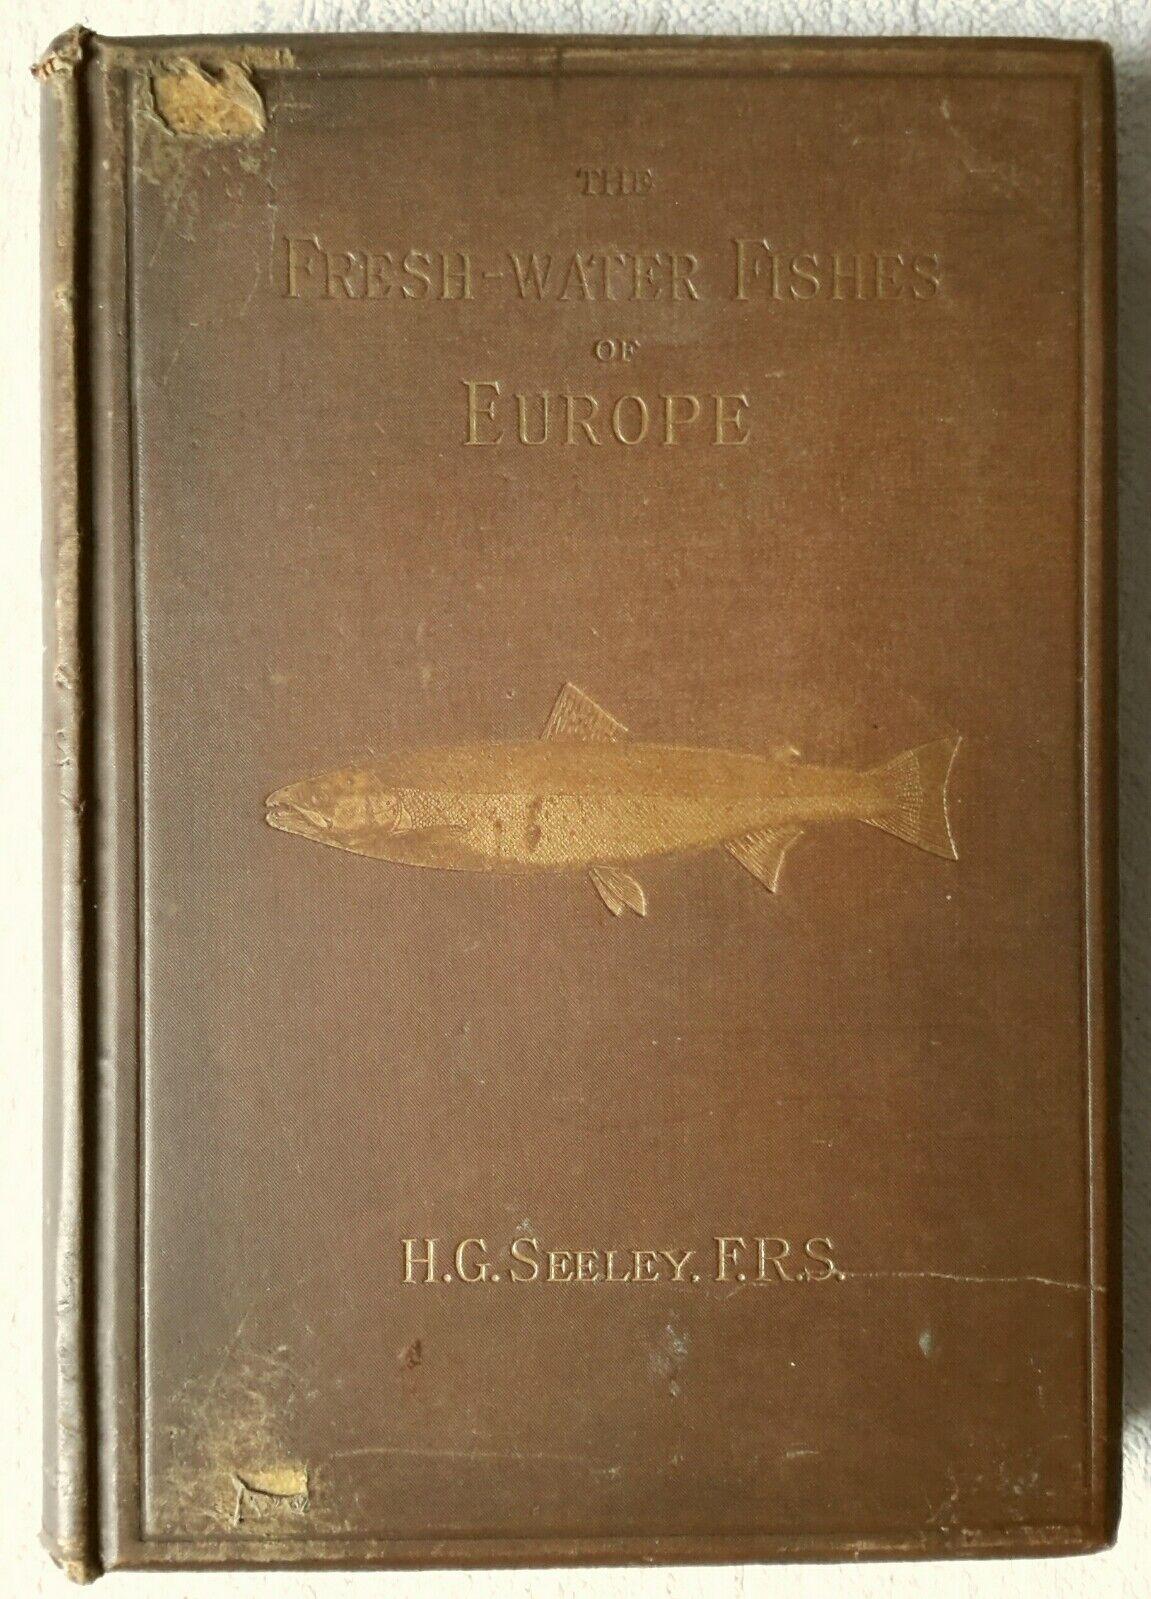 Die Frischwasserfische Europas von H. G. Seeley 1886